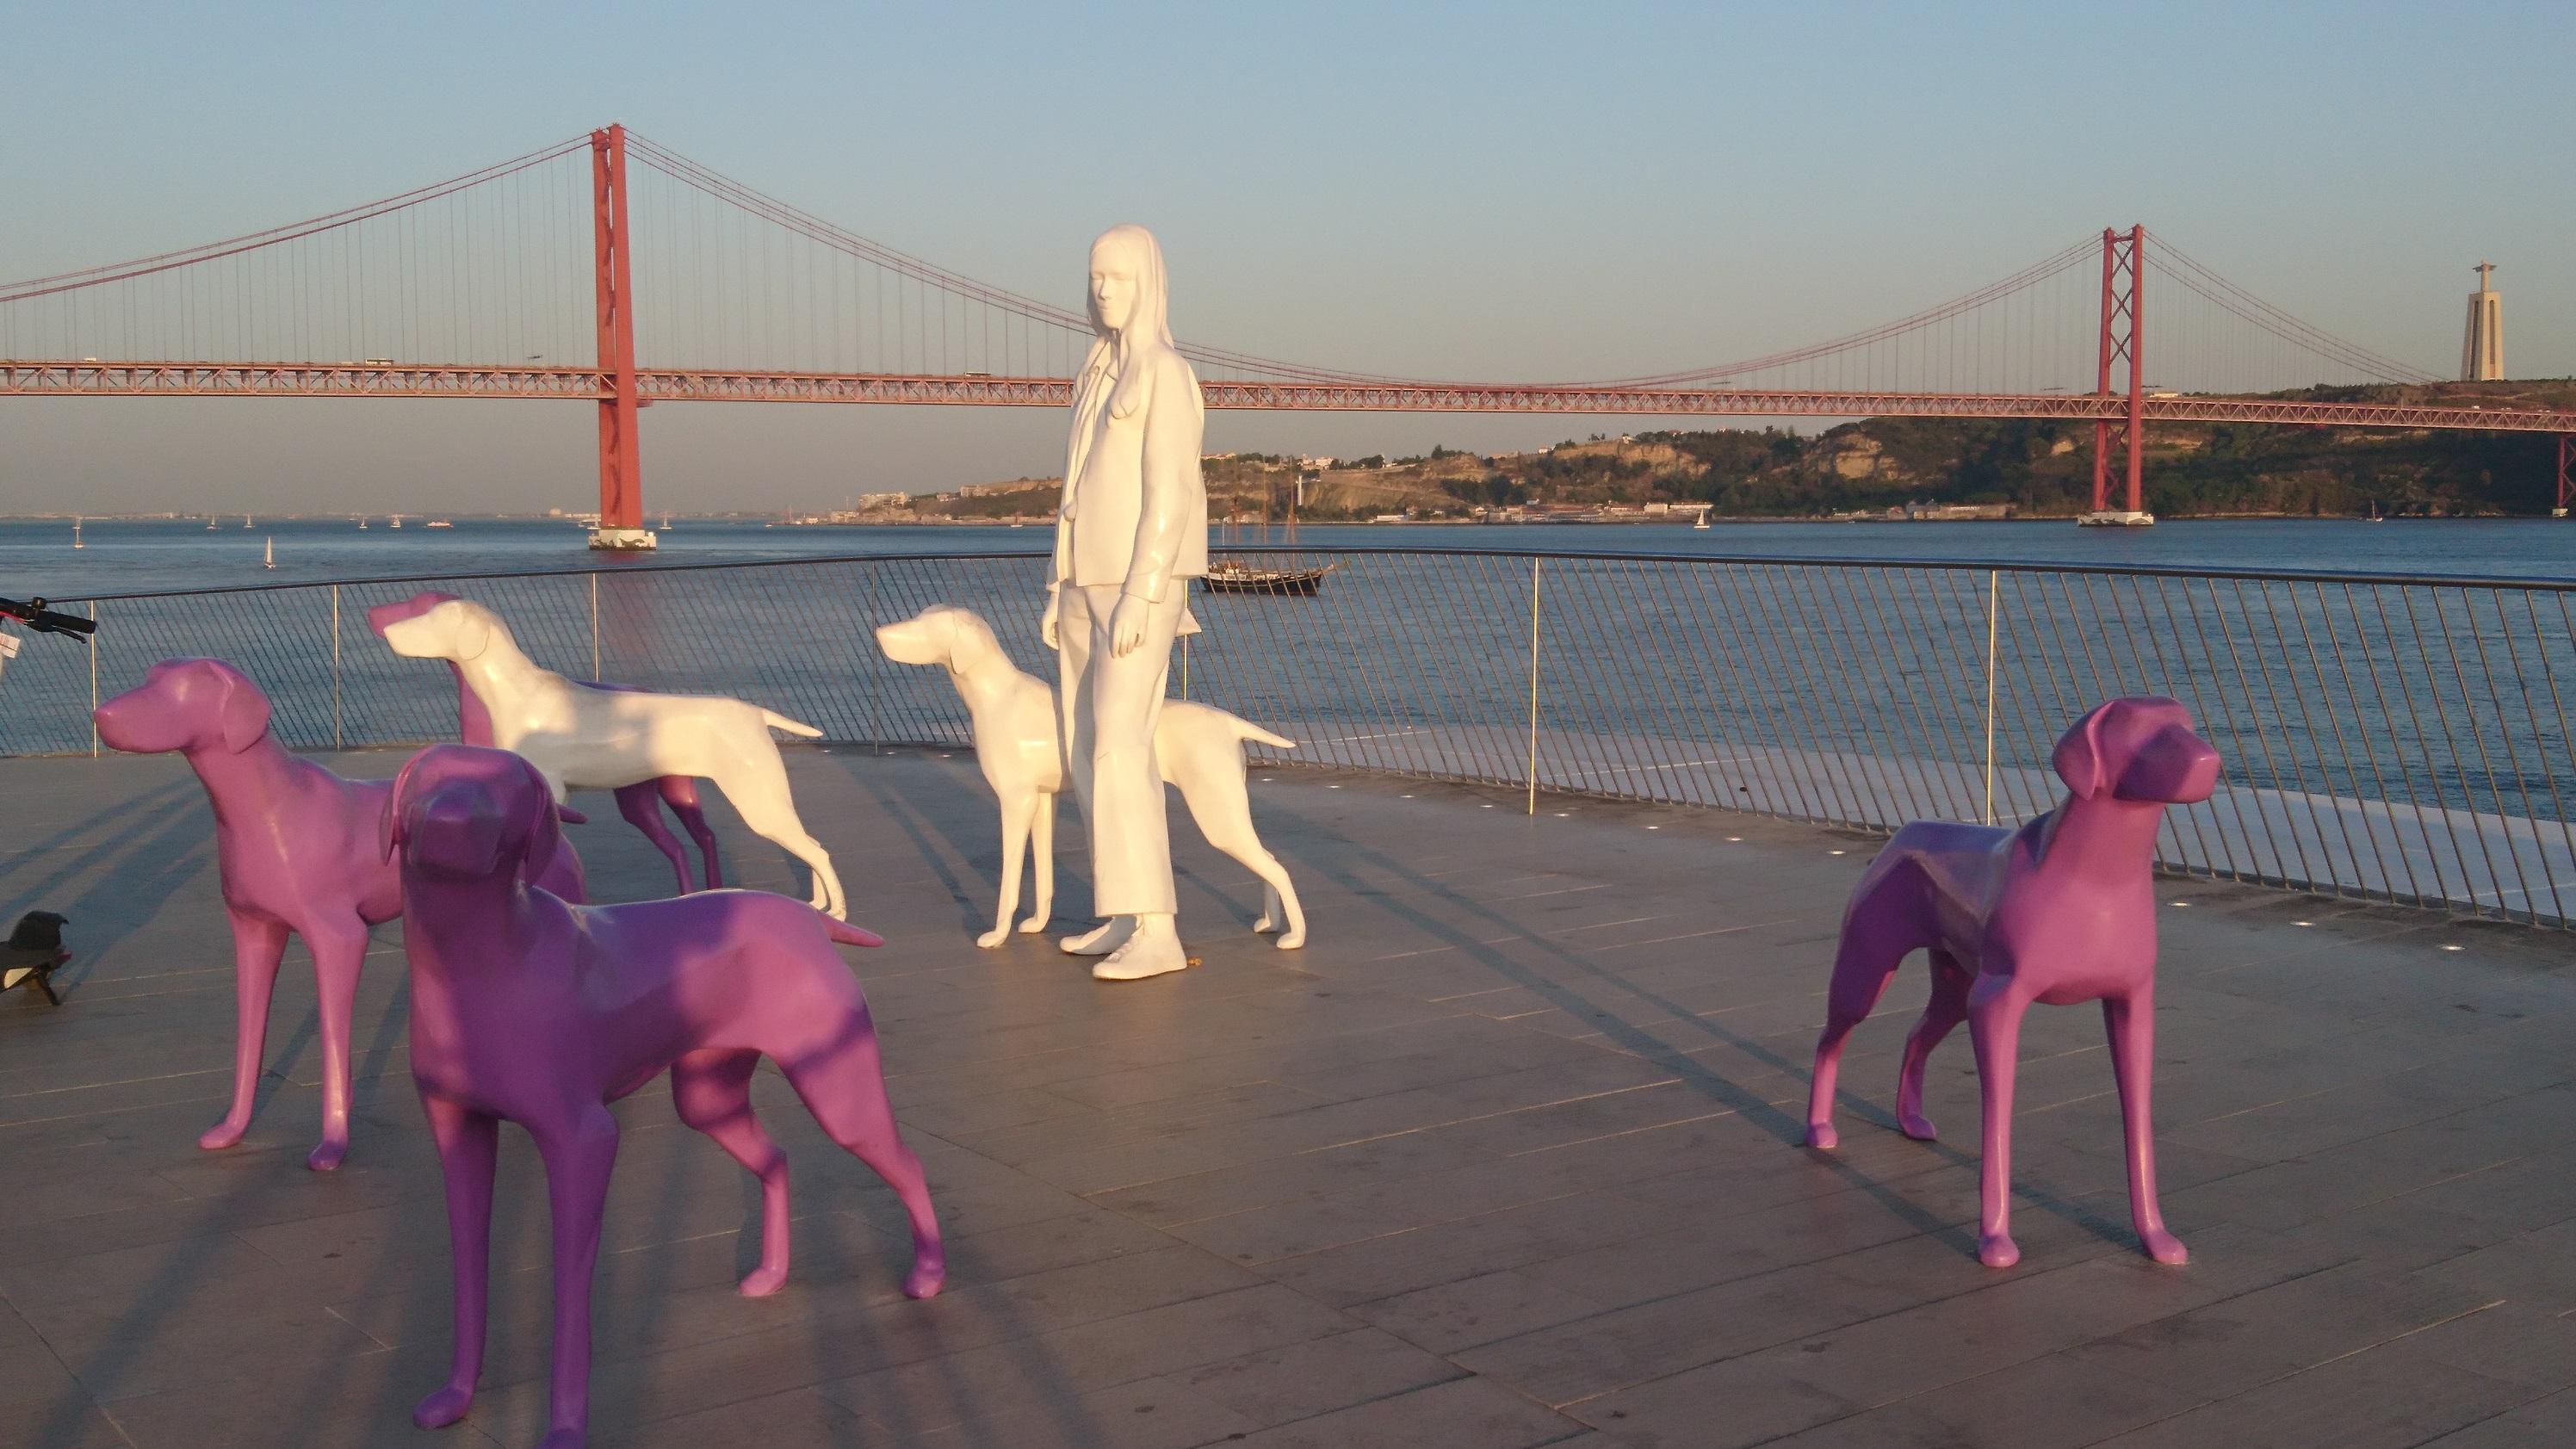 Näkymä MAAT -museon kattoterassilta. Taustalla Golden Gate -siltaa muistuttava Ponte 25 de Abril, joka on yksi keskeisimpiä maamerkkejä Lissabonissa. Takana oikealla, Tejo –joen etelän puoleisella rannalla häämöttää puolestaan Lissabonin versio Rio de Janeiron Kristus –patsaasta. Kuva: Timo Tahkola.